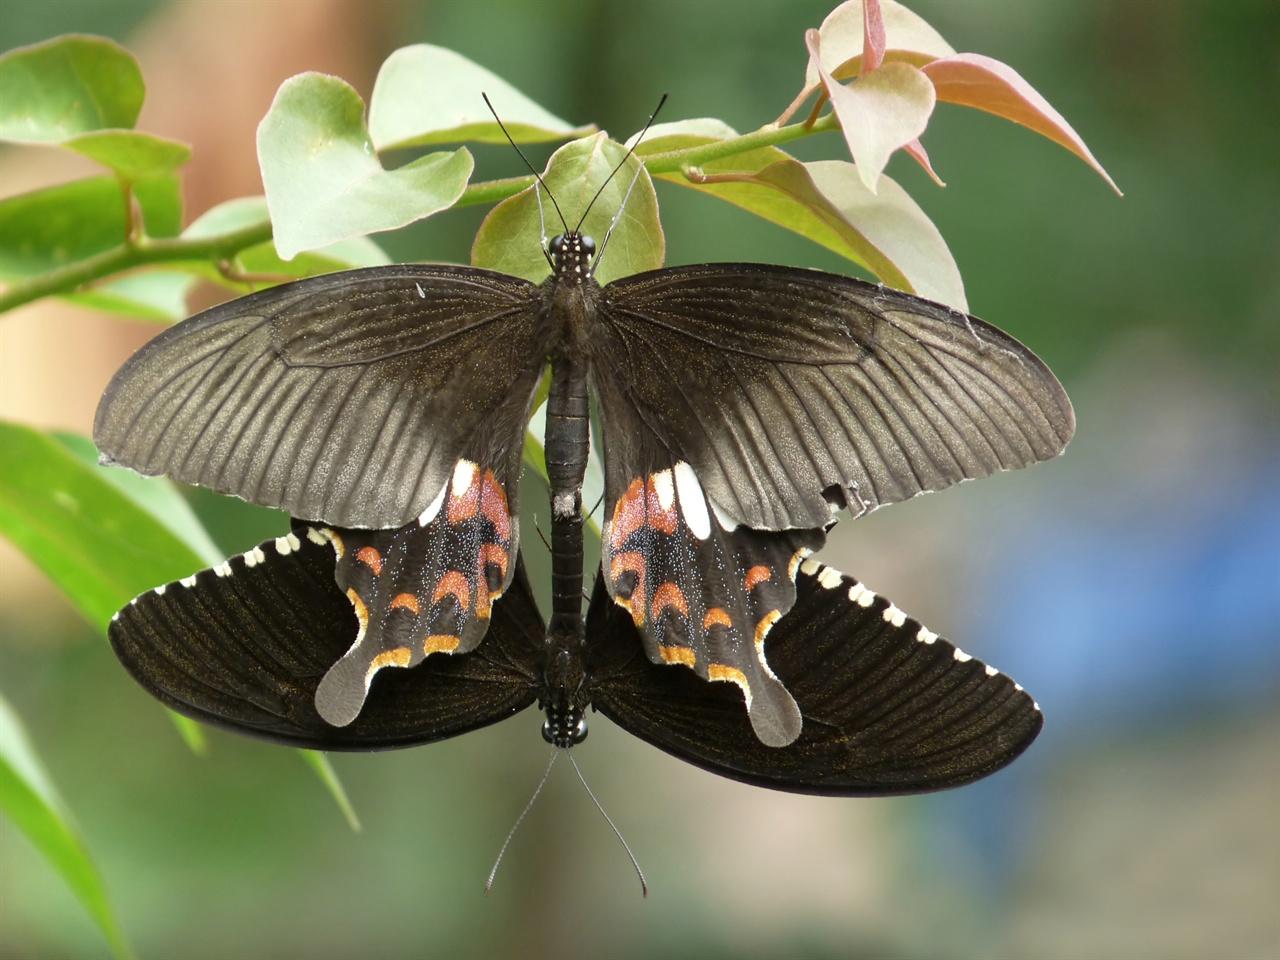 짝짓기 중인 모르몬 나비. 위쪽이 암컷이다. 호랑나비의 일종인 모르몬 나비 수컷은 암컷의 색깔에 끌리는 게 아니라 왕성한 활동력에 매력을 느끼는 것으로 드러났다.